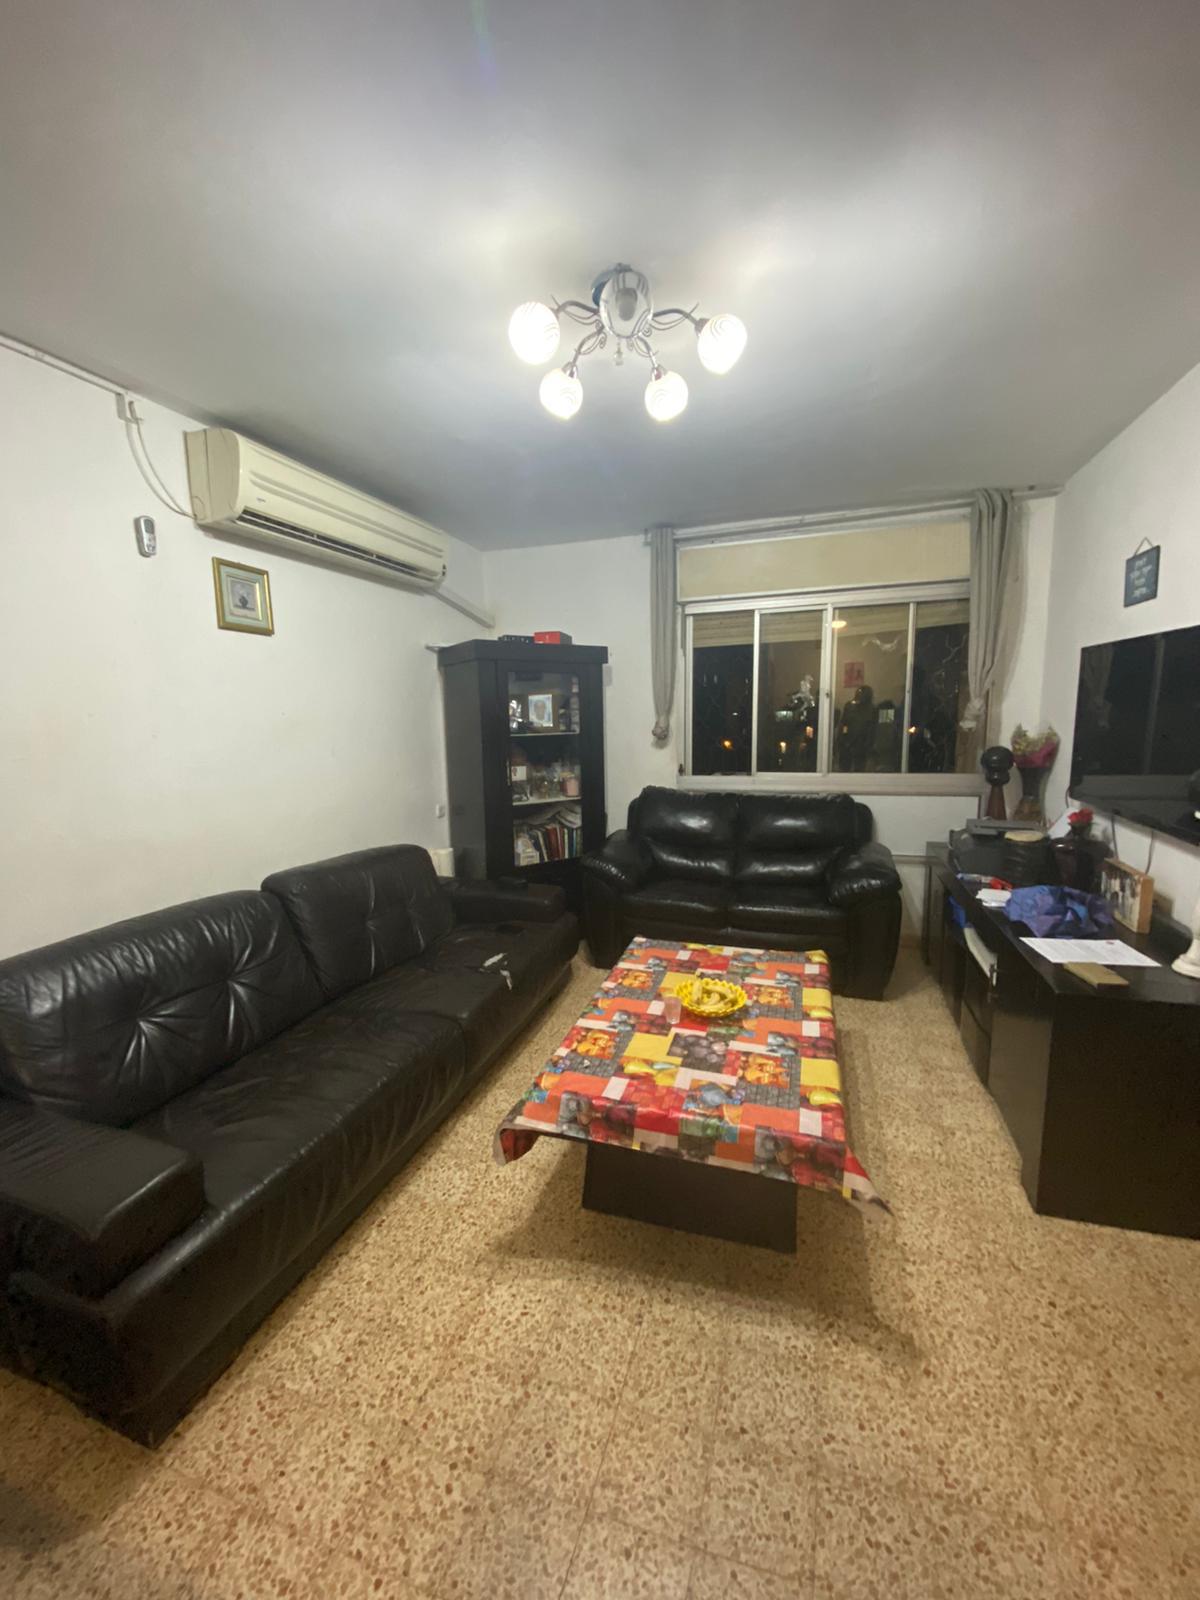 דירת 3 חדרים למכירה בגולדה מאיר